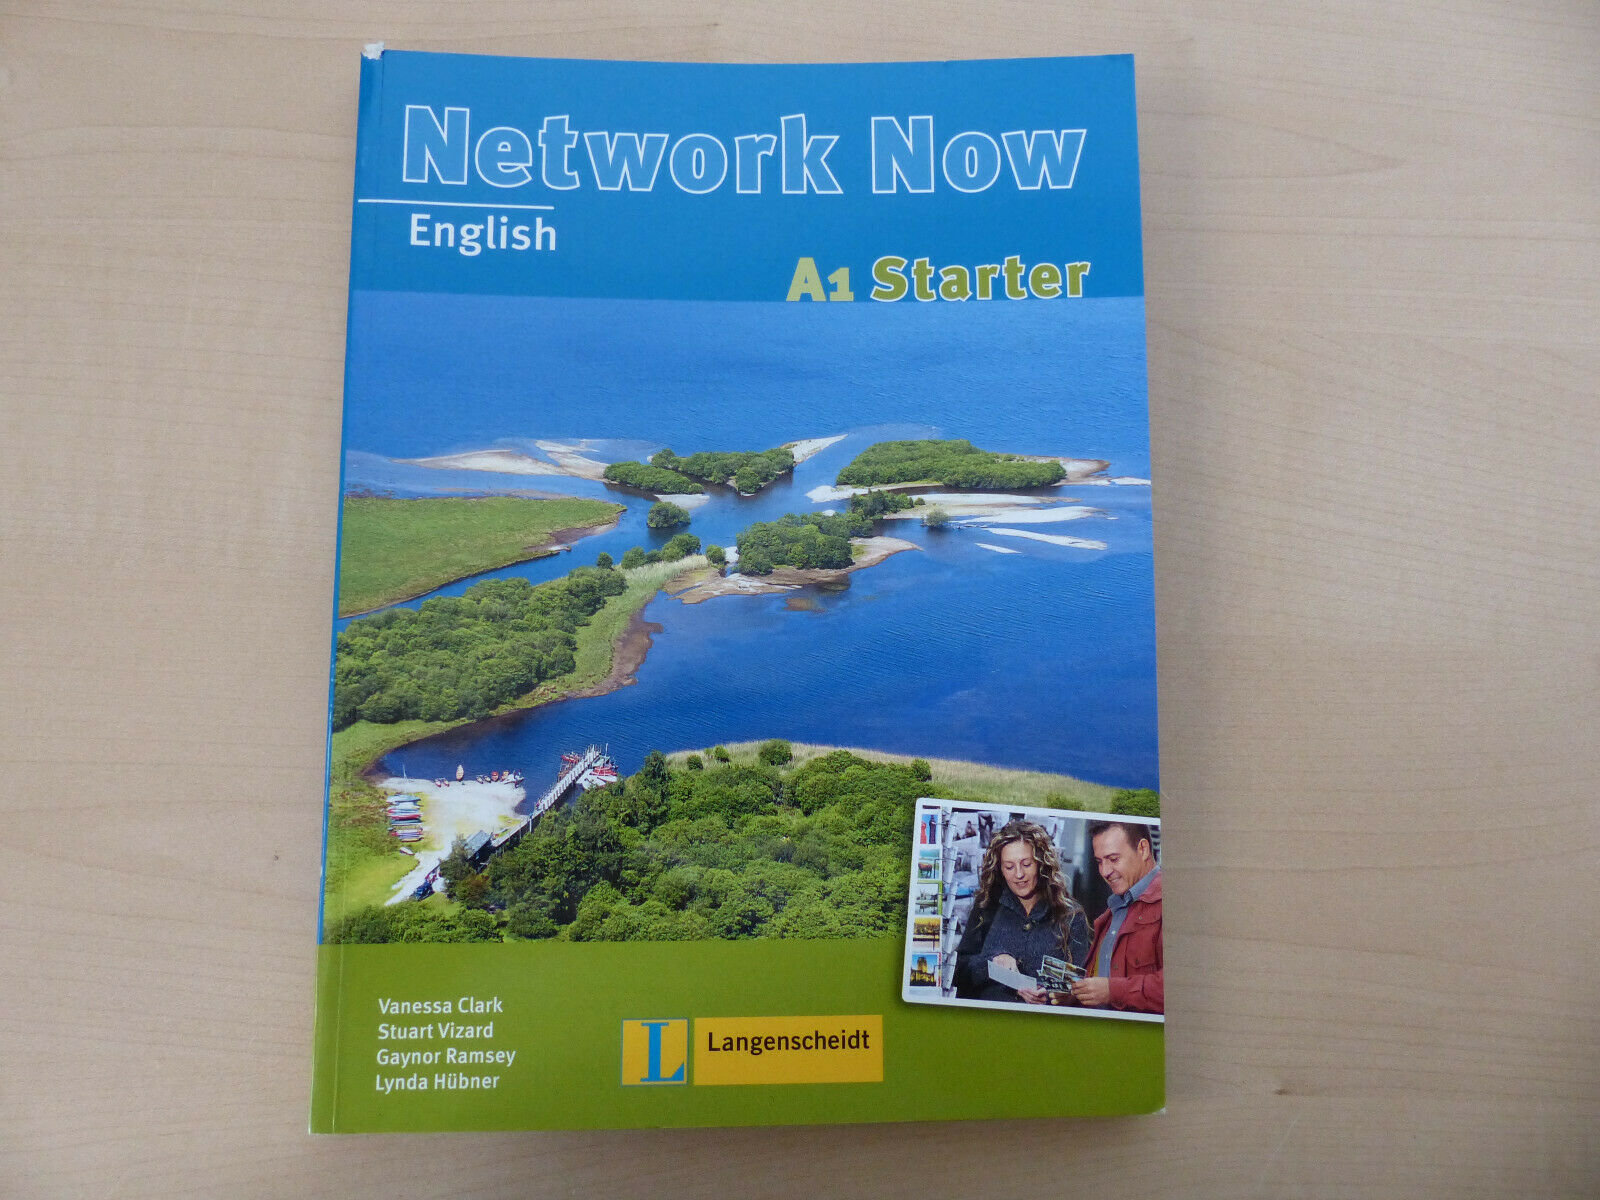 Network Now Englisch A1 Starter Langenscheid mit CD's - Unbekannt